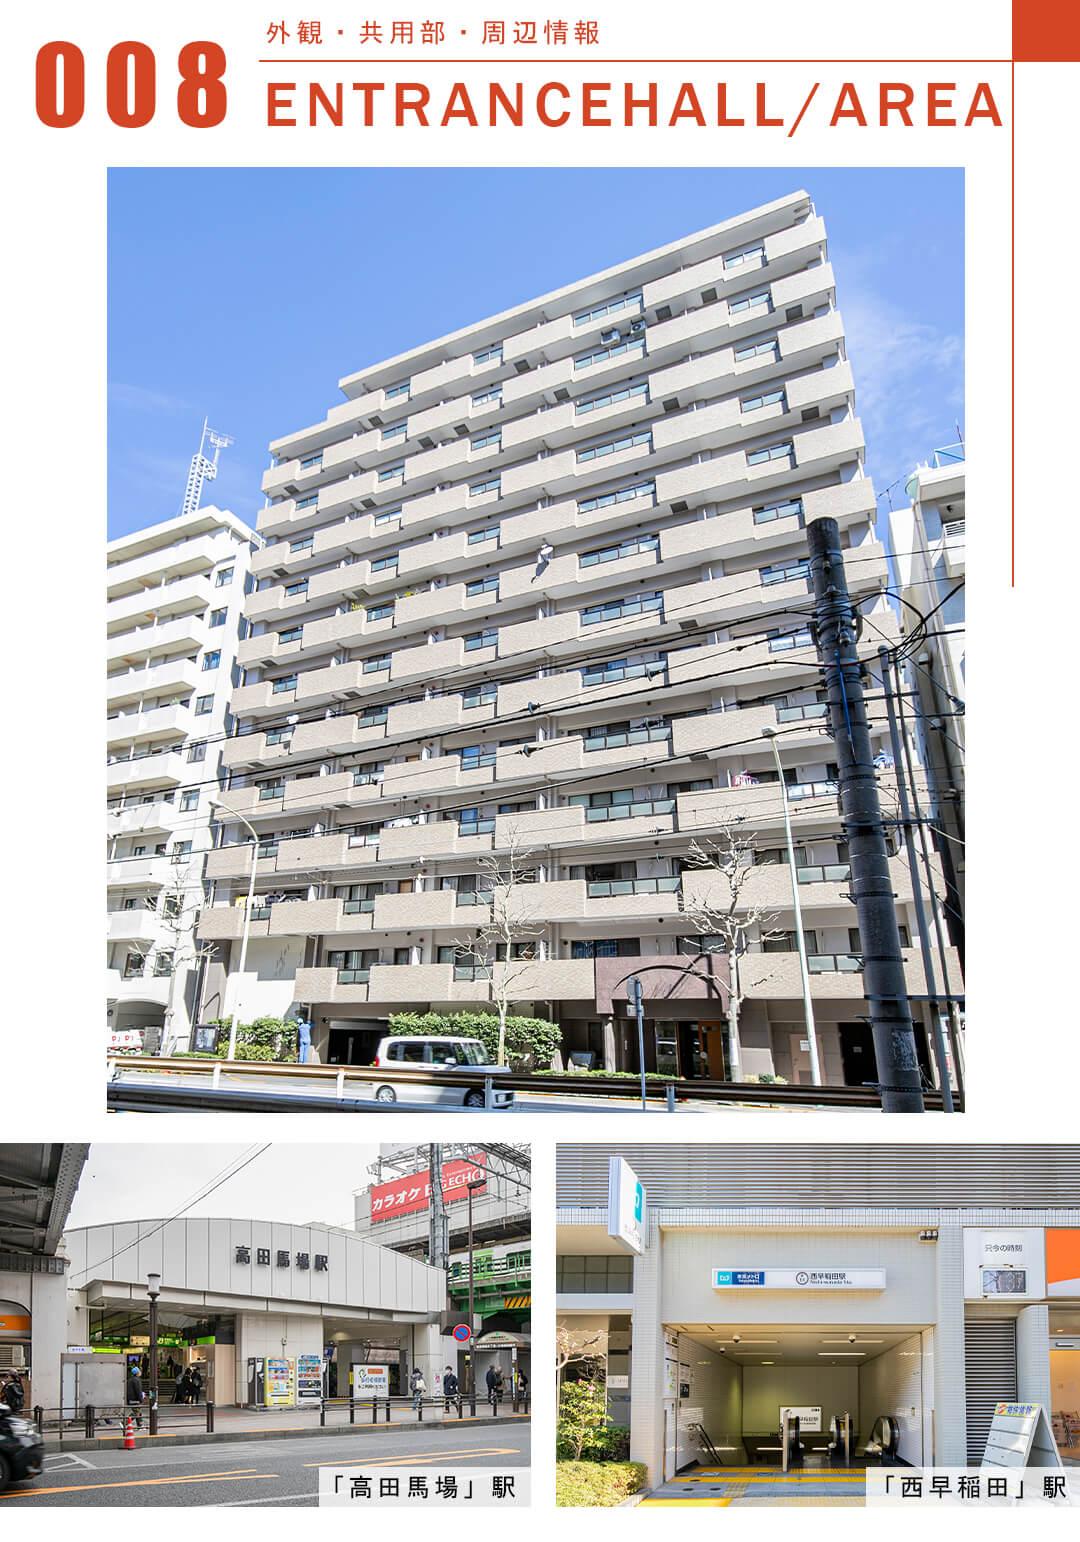 朝日シティパリオ西早稲田館の外観と周辺情報